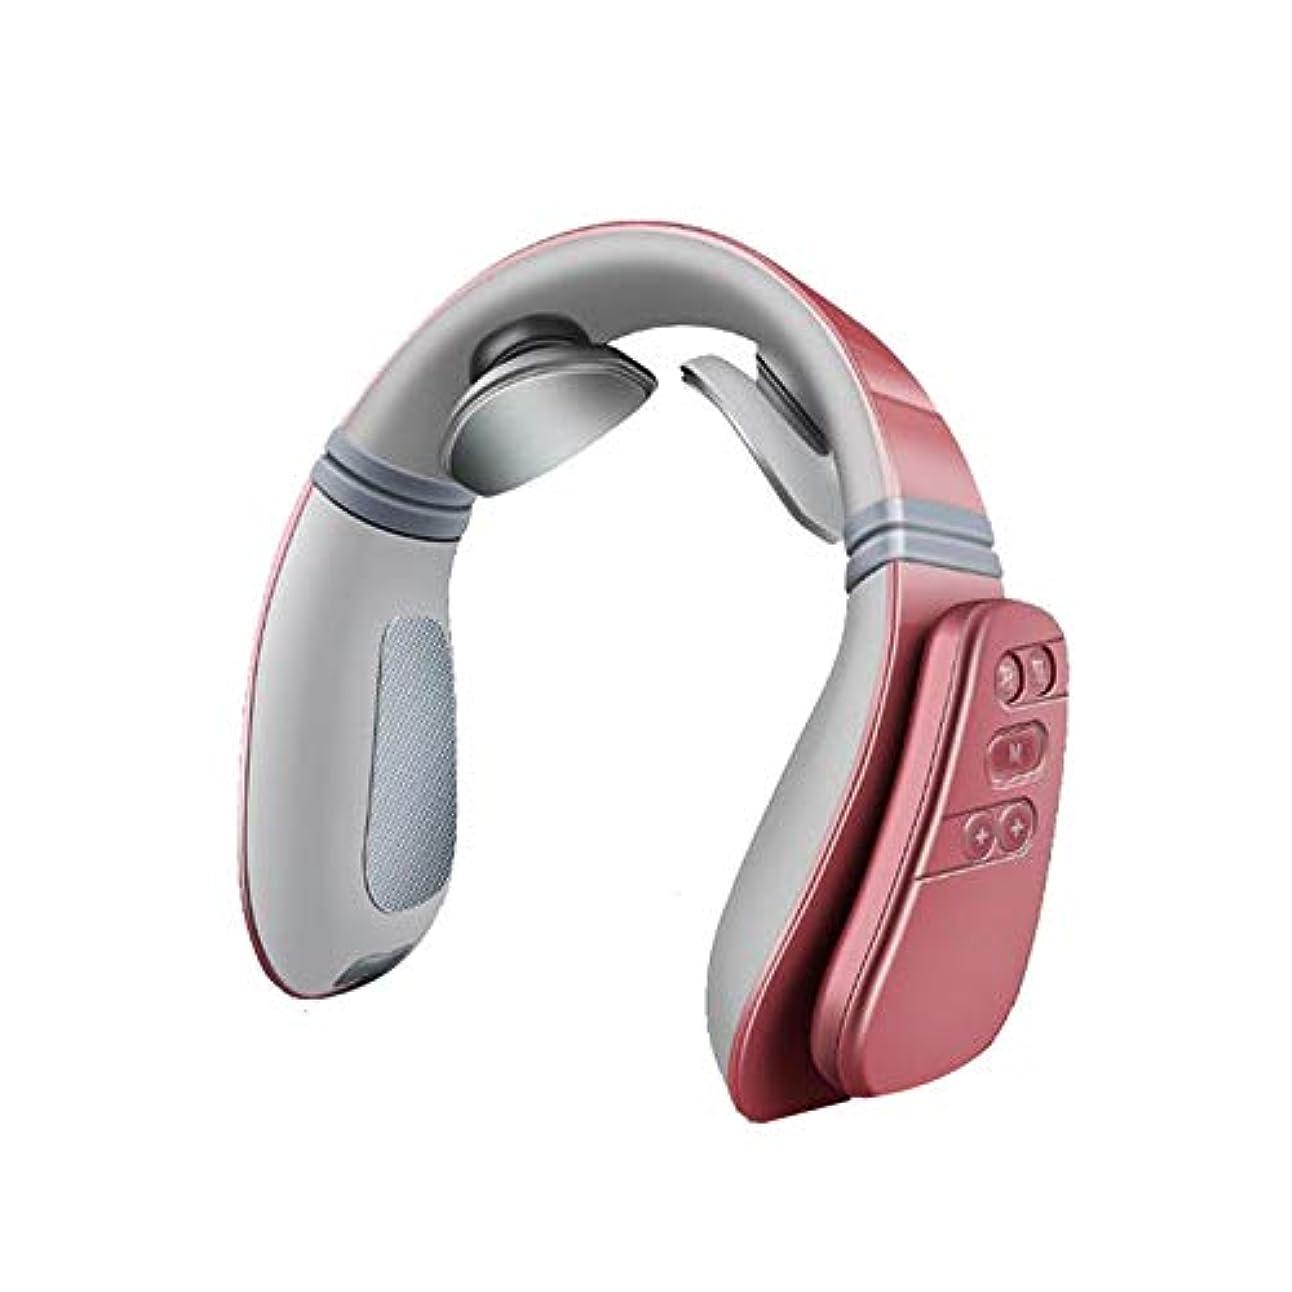 首のマッサージャーの指圧の深いティッシュの首のための携帯用一定の温度の熱い湿布は筋肉苦痛を取り除きます